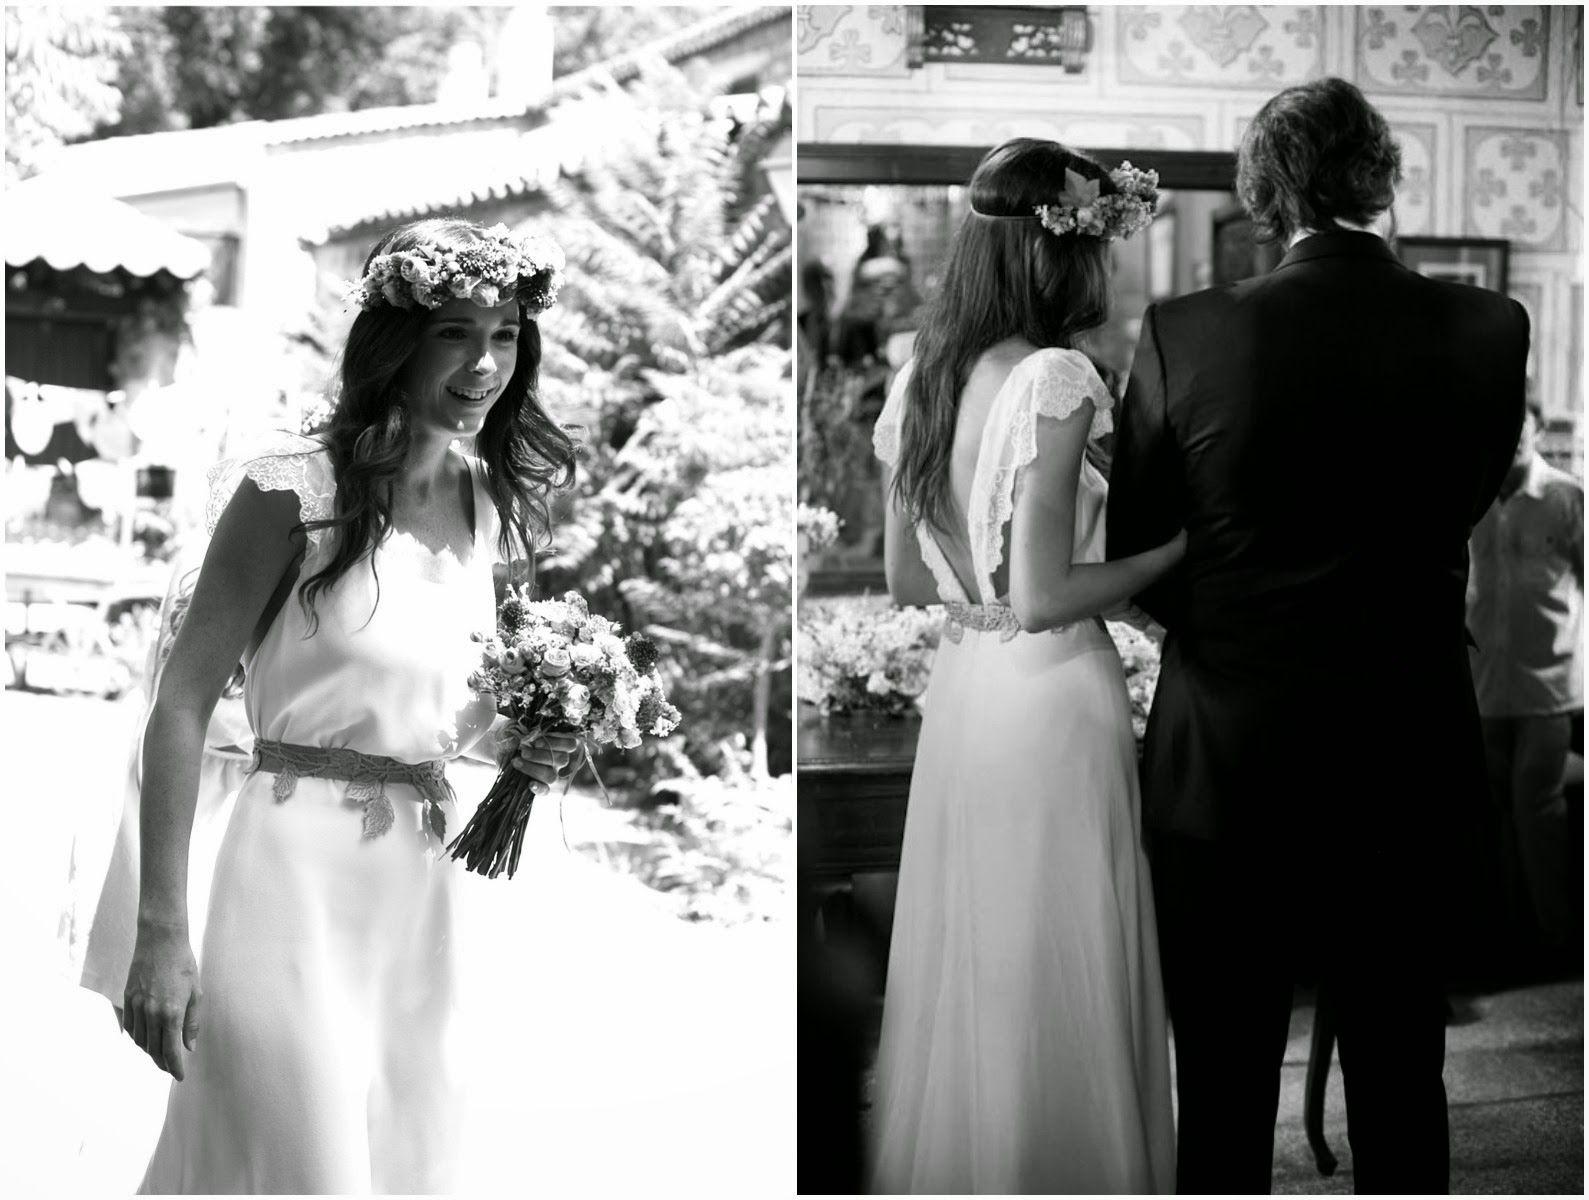 Bárbara, una novia con corona de flores | AtodoConfetti - Blog de ...